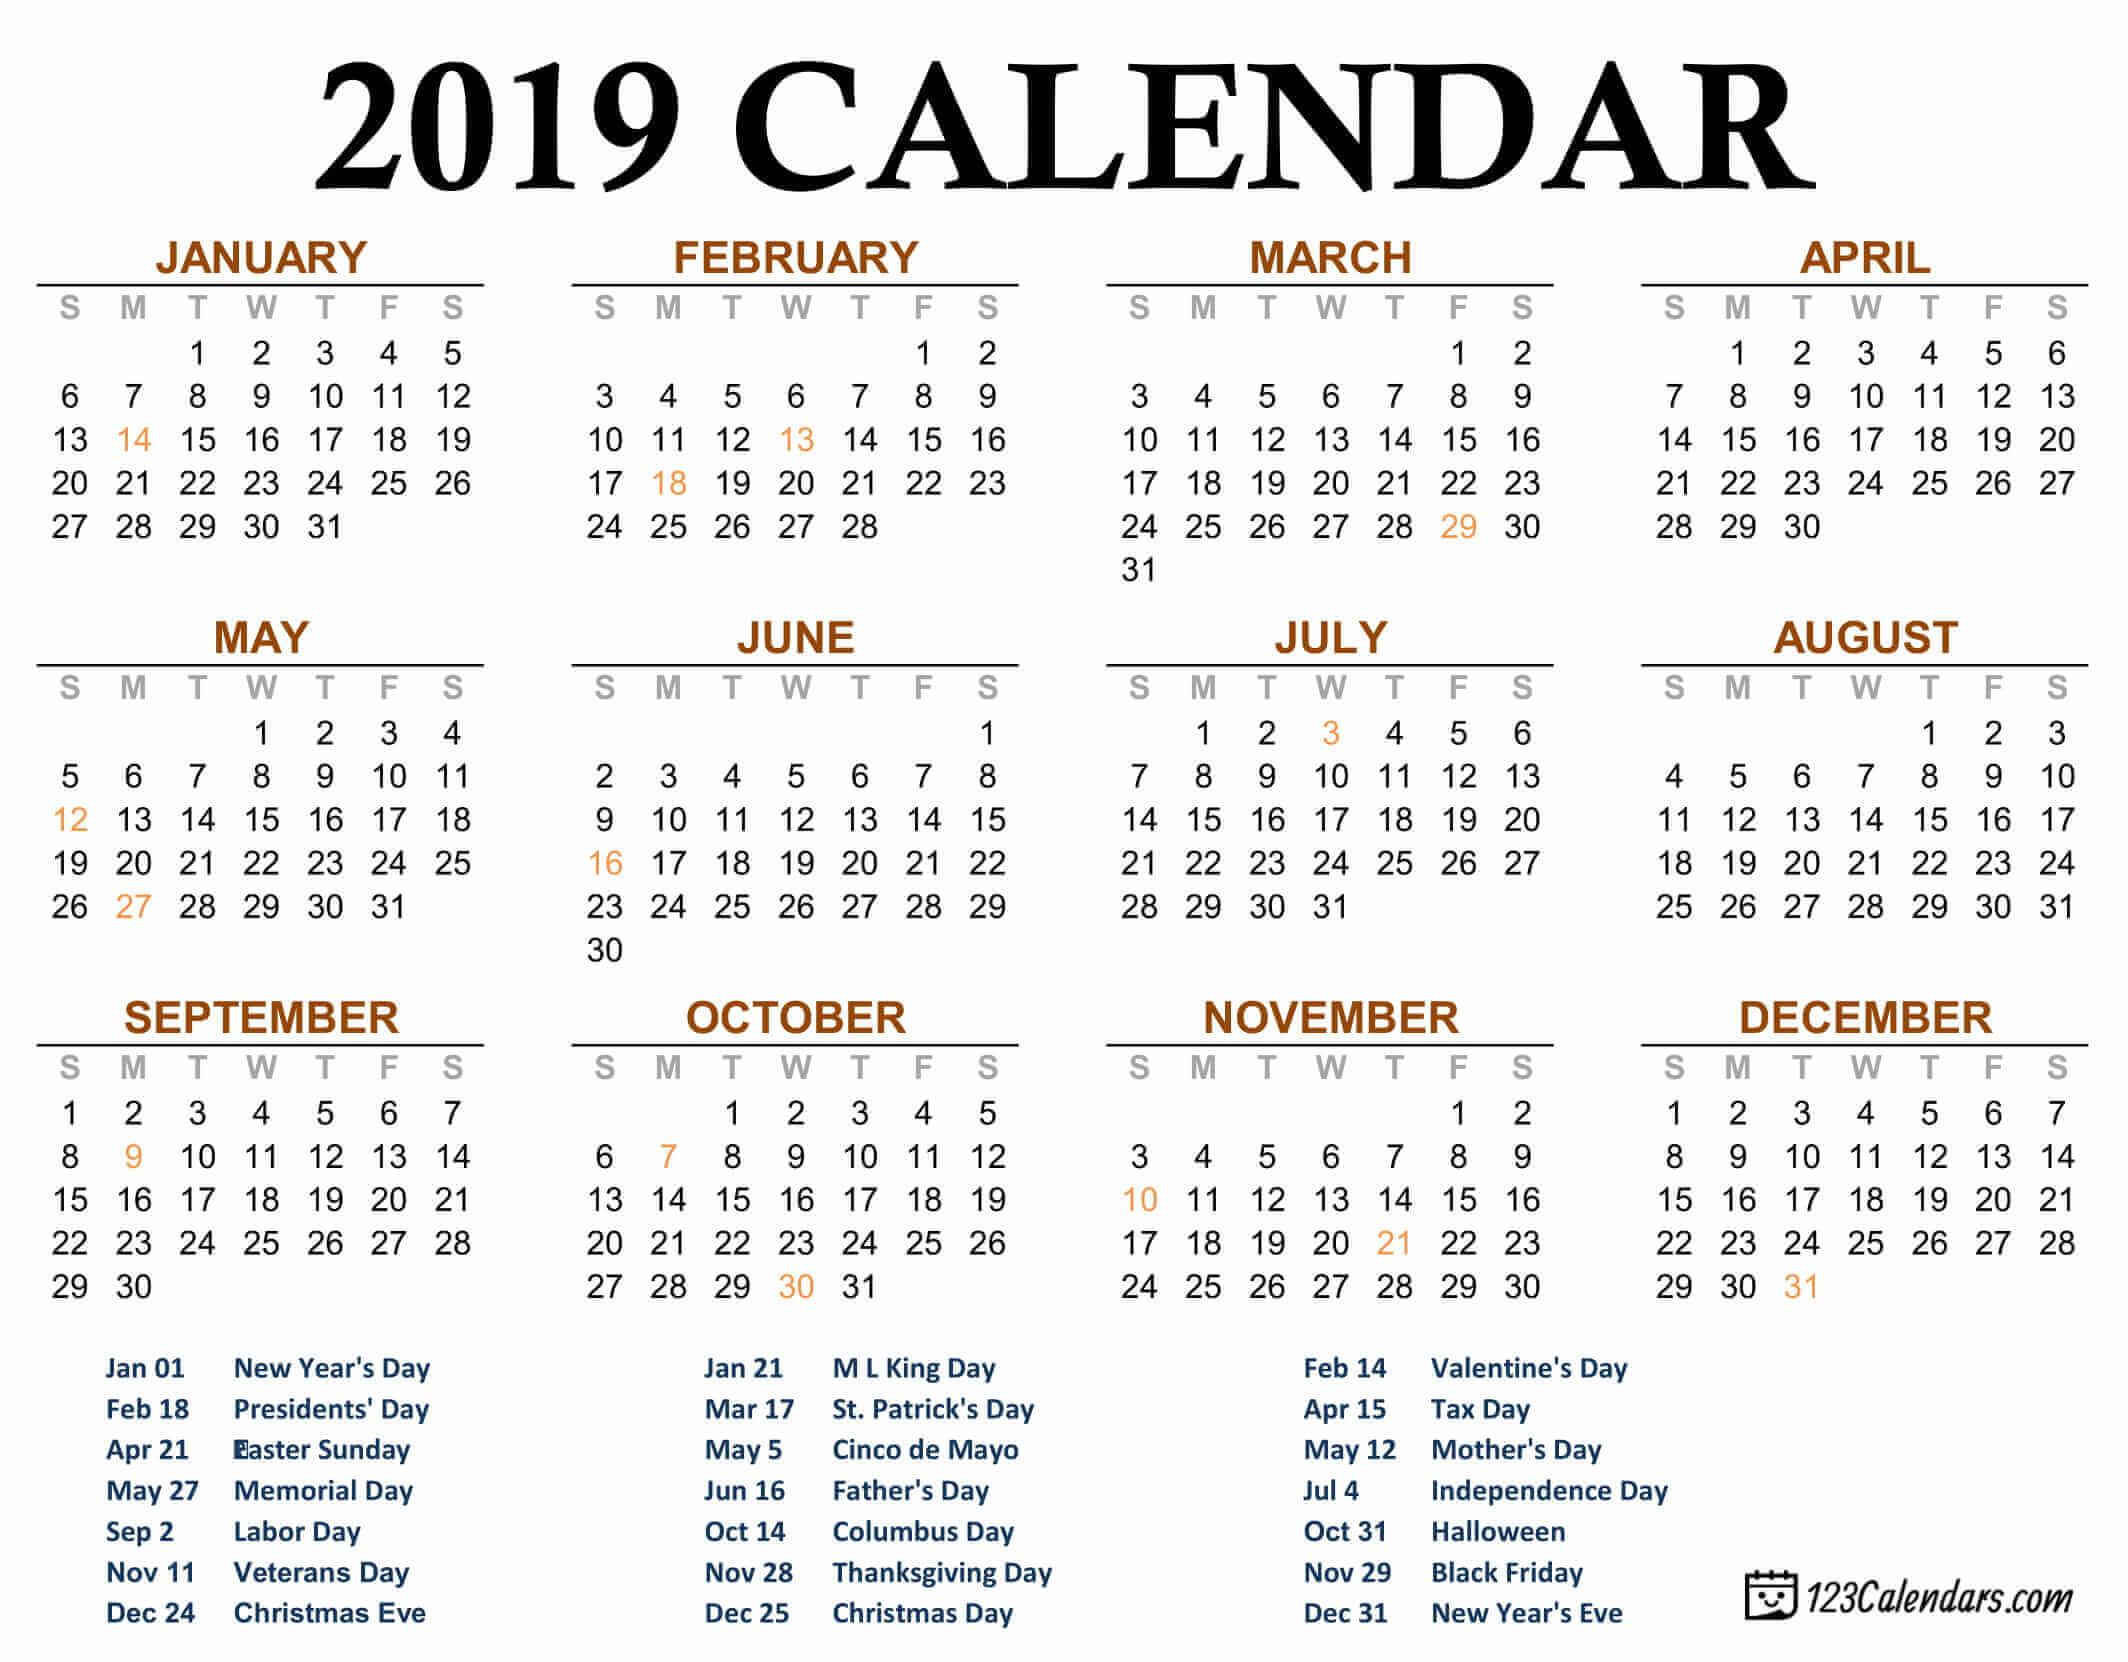 Free Printable 2019 Calendar | 123Calendars com